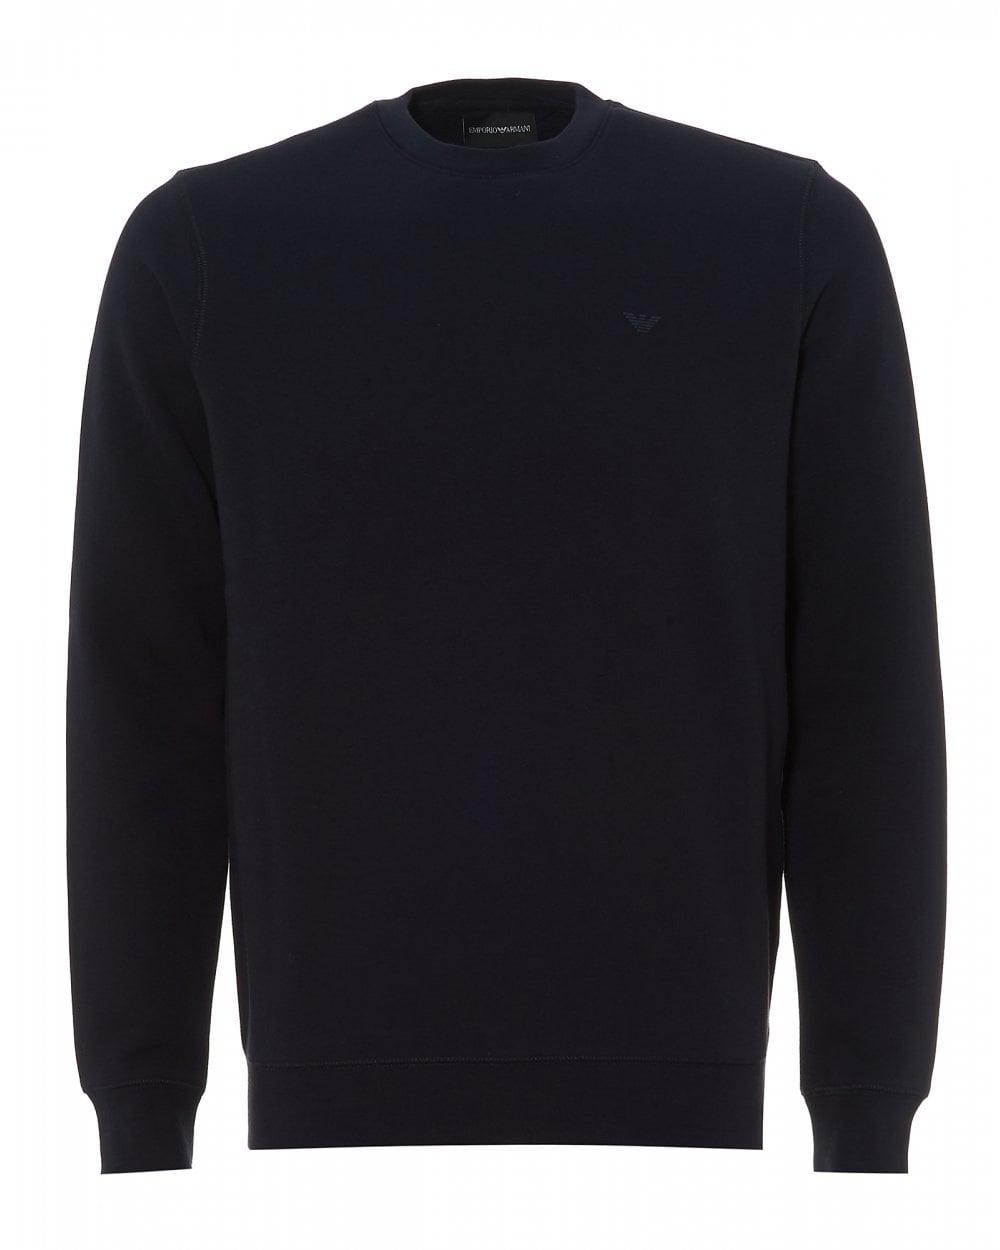 2484df1cf748 Emporio Armani Mens Small Logo Sweatshirt